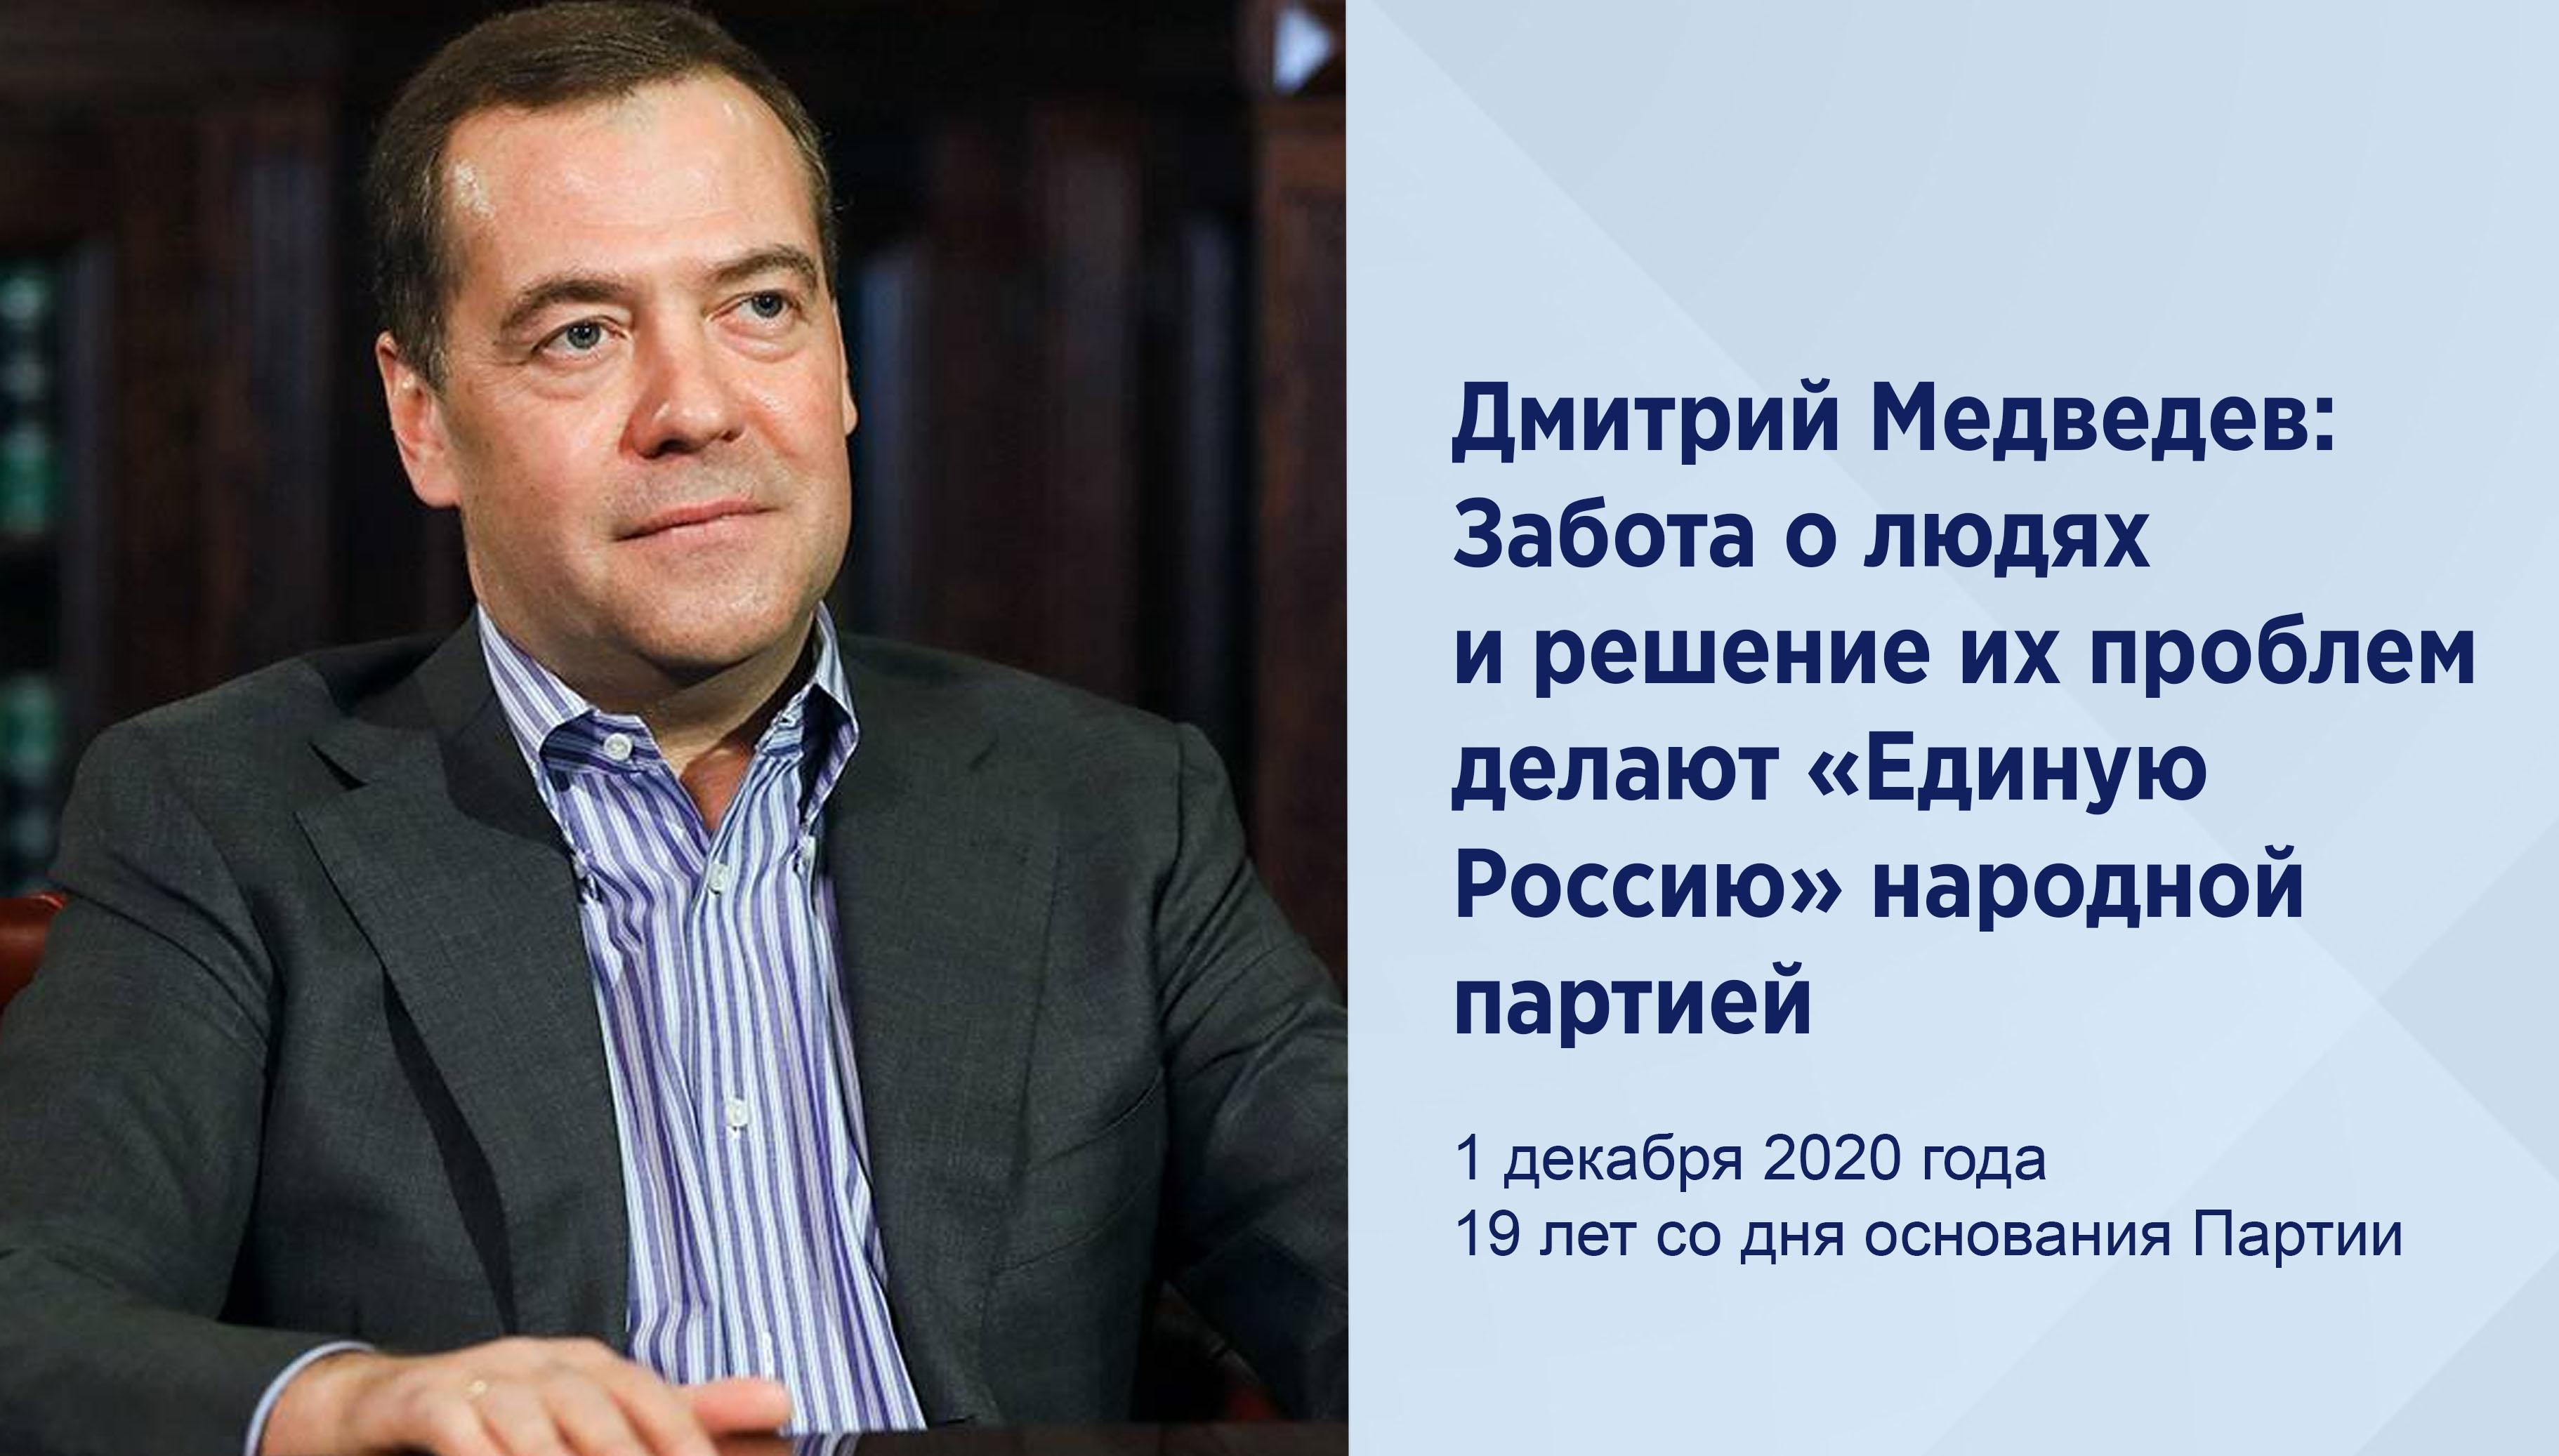 Дмитрий Медведев: Забота о людях и решение их проблем делают «Единую Россию» народной партией